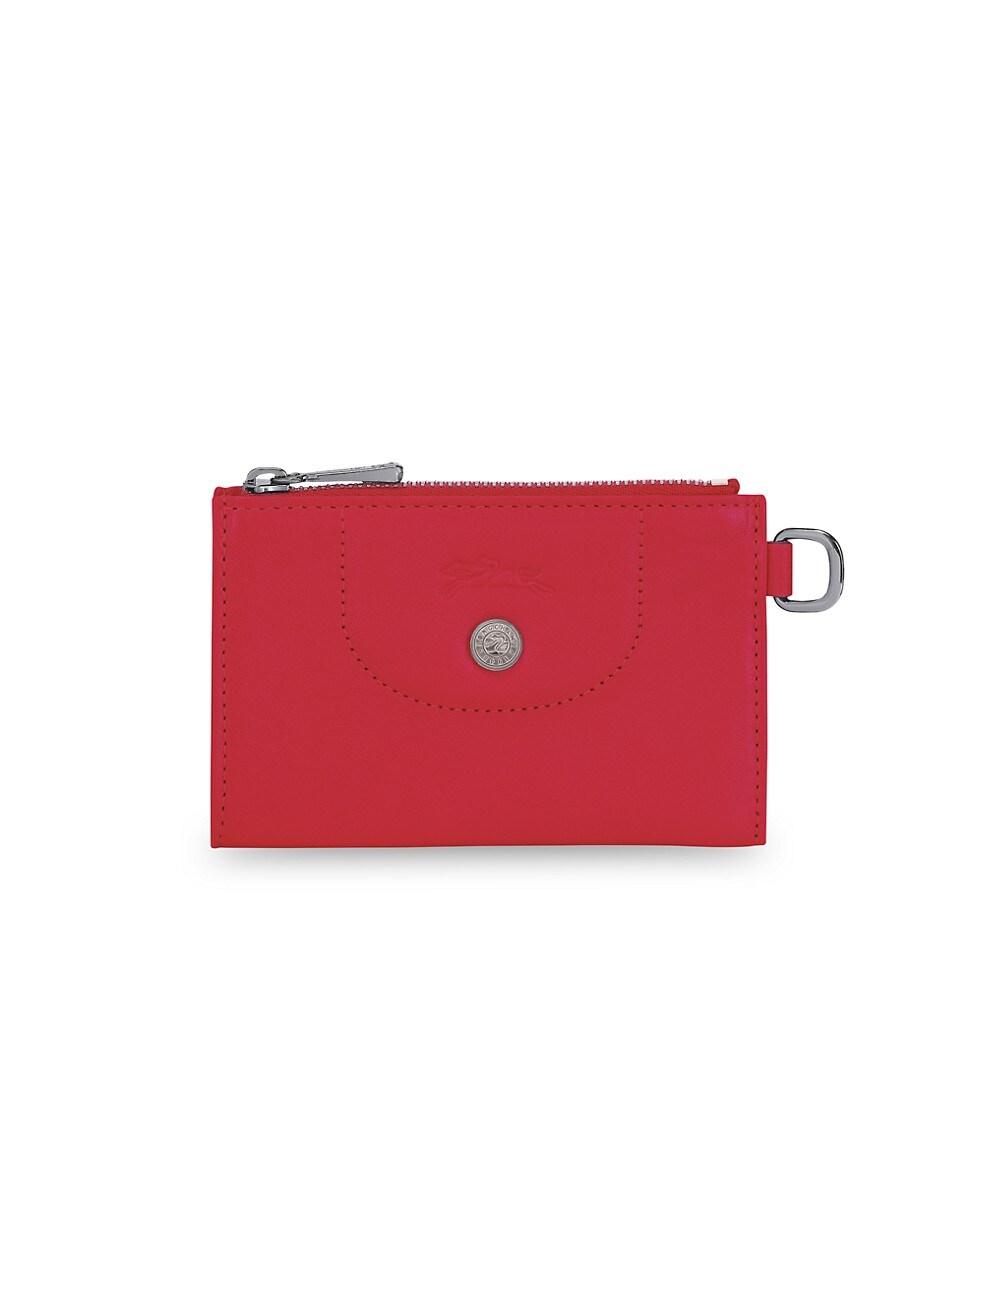 롱샴 파우치 Longchamp Le Pliage Leather Key Case,KISS RED